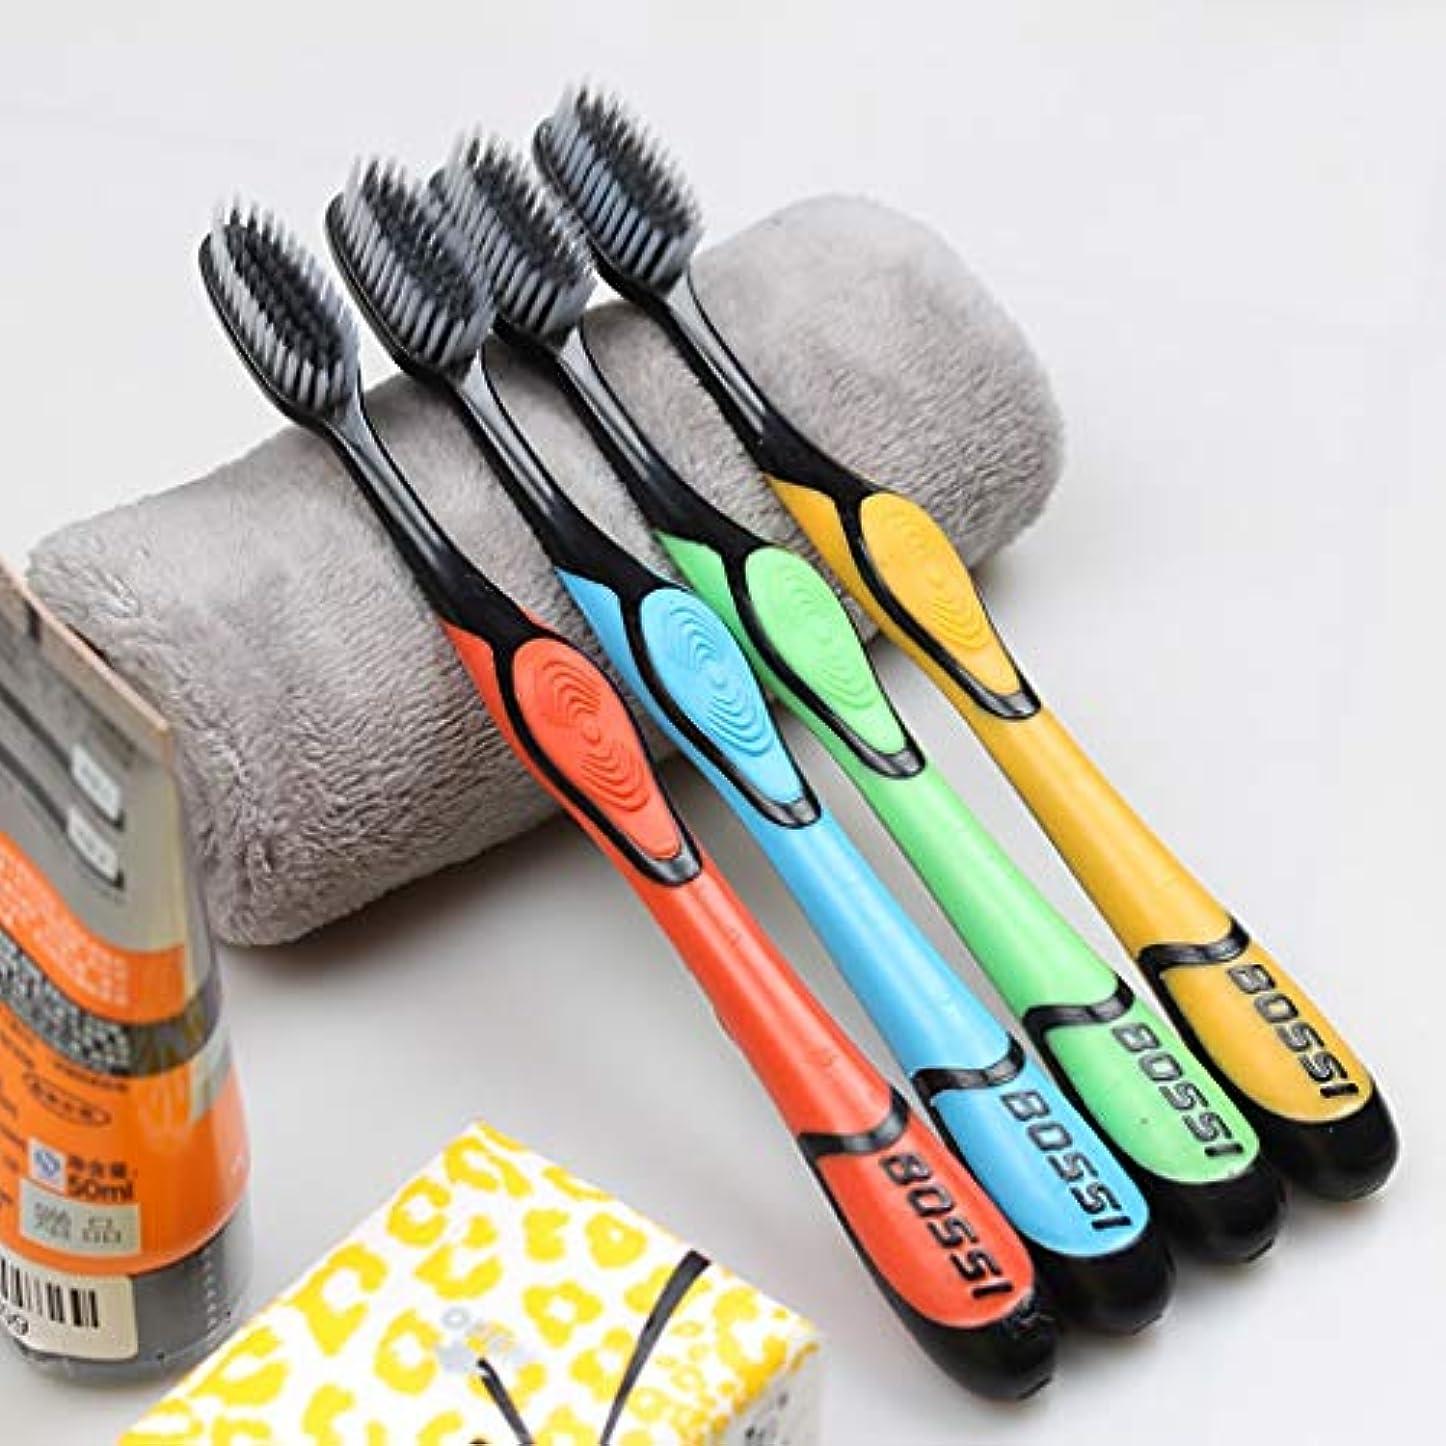 忘れる悪意のある命題大人の竹炭の歯ブラシ、家族10本の棒、竹炭は効果的に口臭を取り除きます